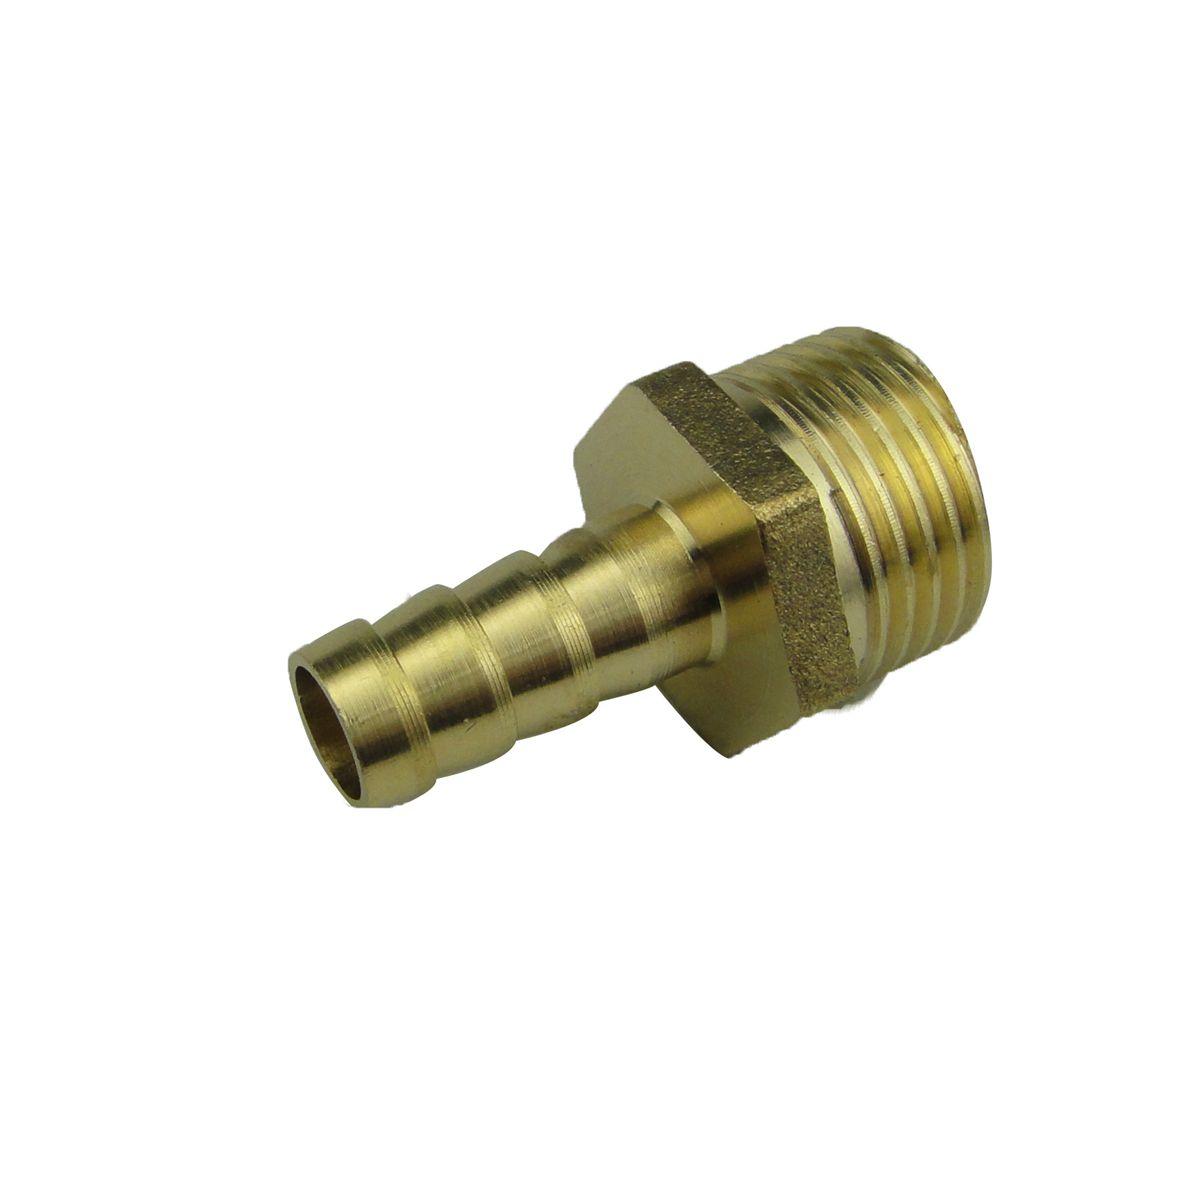 4分外牙宝塔咀格林头外丝弯头宝塔头气管气动软管接头铜接头